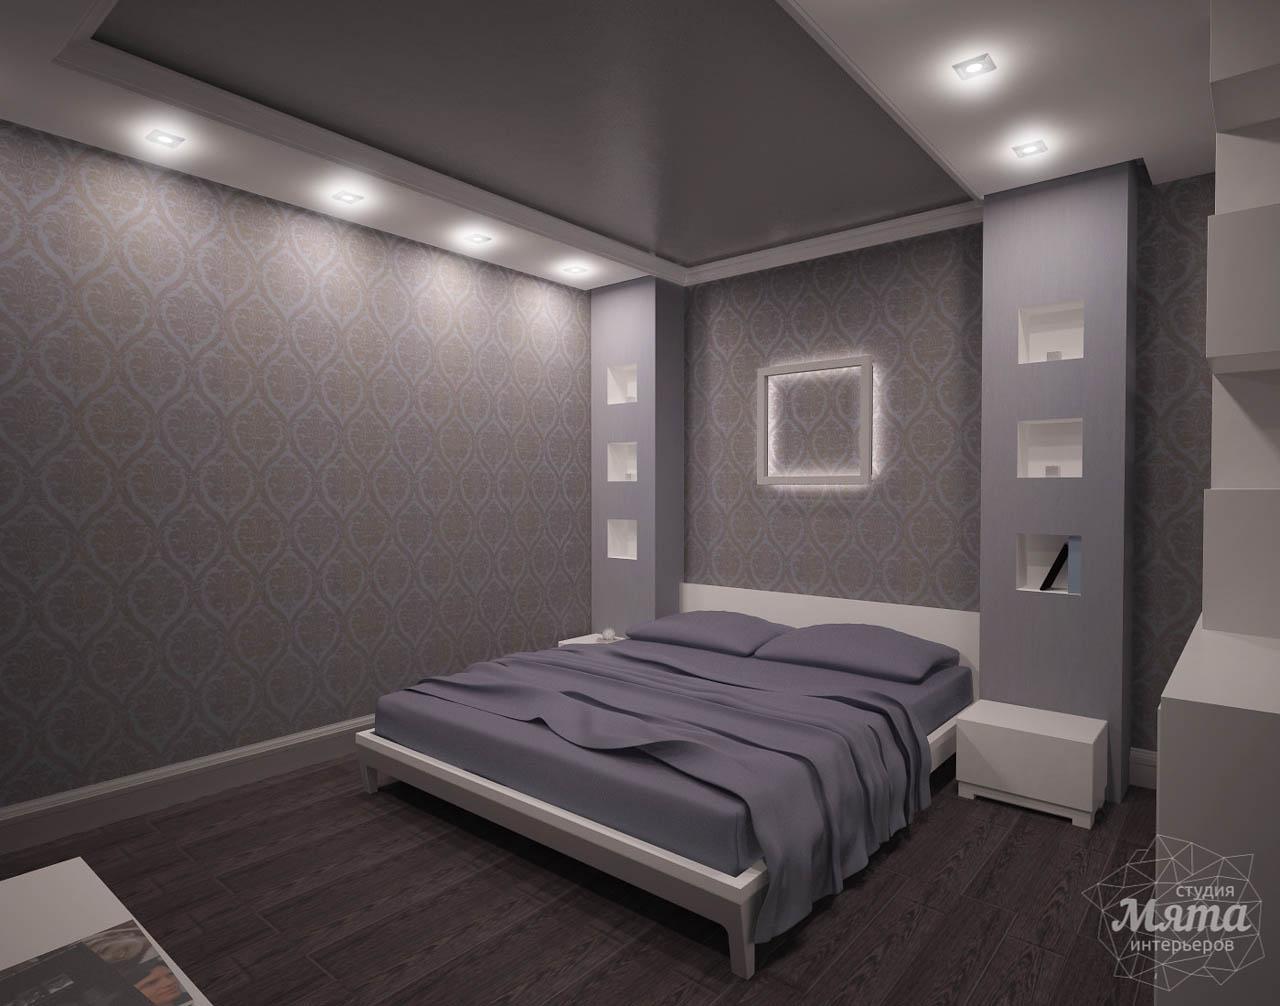 Дизайн интерьера однокомнатной квартиры по ул. Посадская 34 img50924206